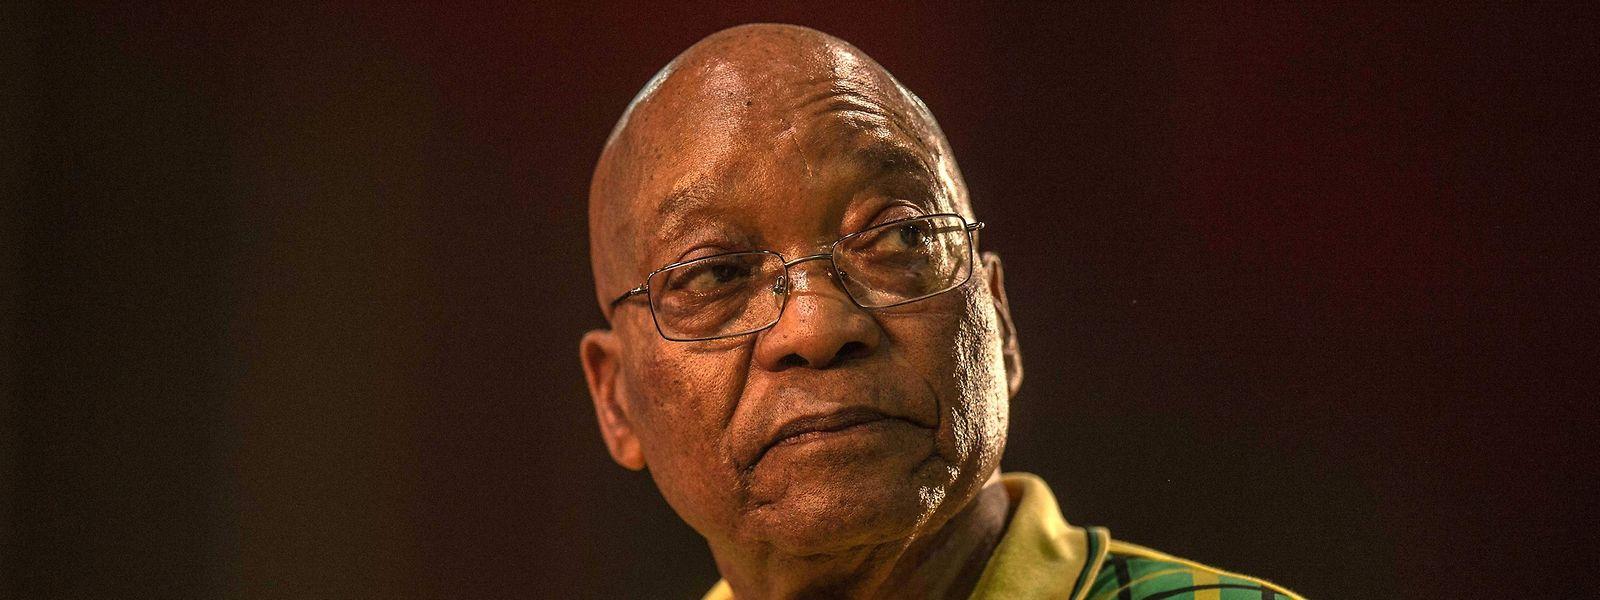 Der 2018 zurückgetretene Staatschef Jacob Zuma soll jahrelang von der indischen Unternehmerfamilie Gupta profitiert haben.